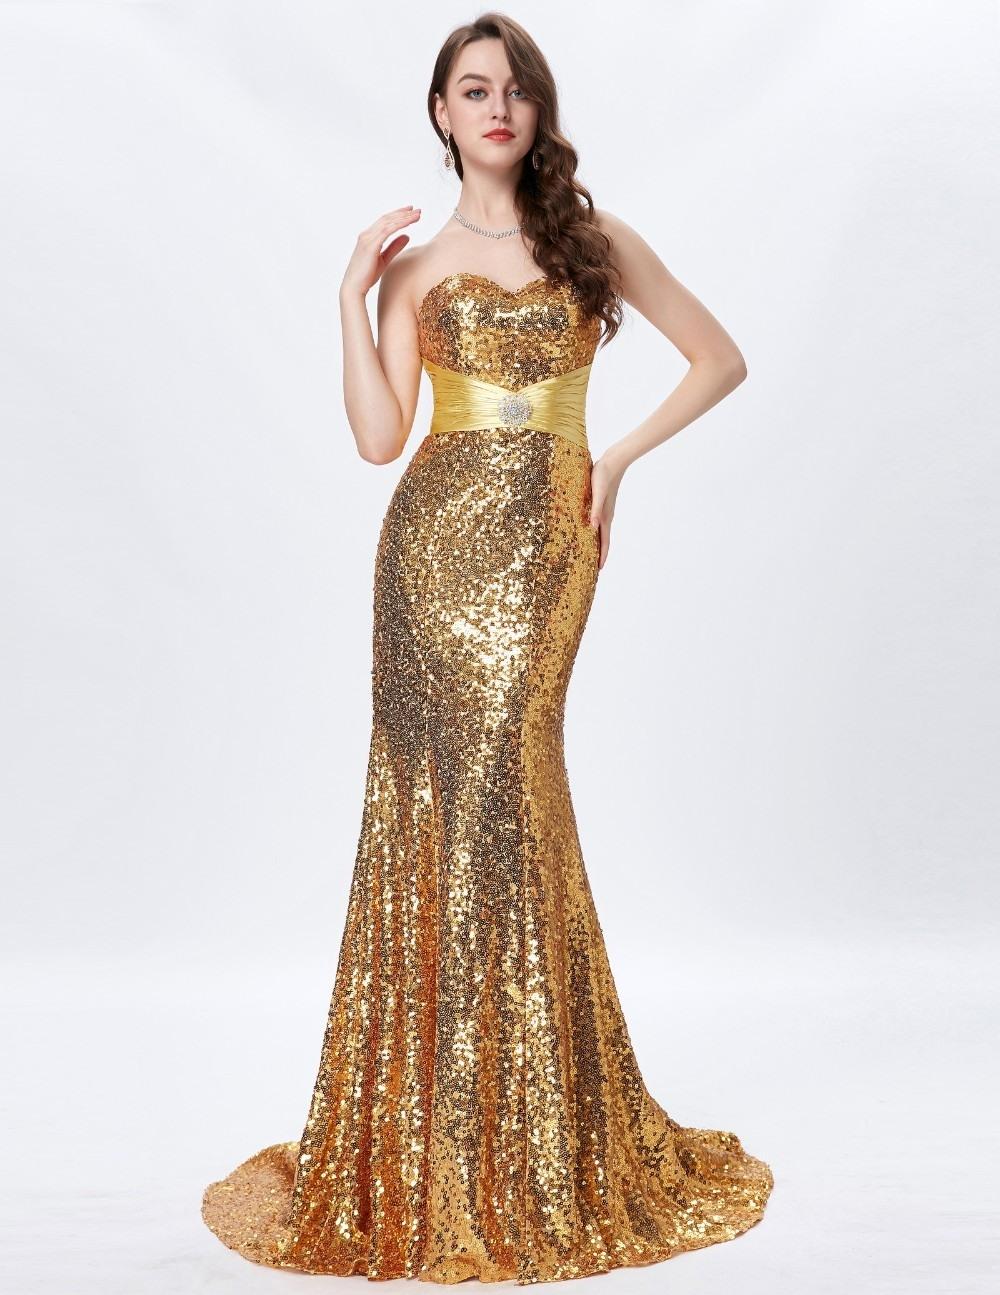 10 Cool Kleider Für Besondere Anlässe Günstig Spezialgebiet10 Kreativ Kleider Für Besondere Anlässe Günstig Stylish